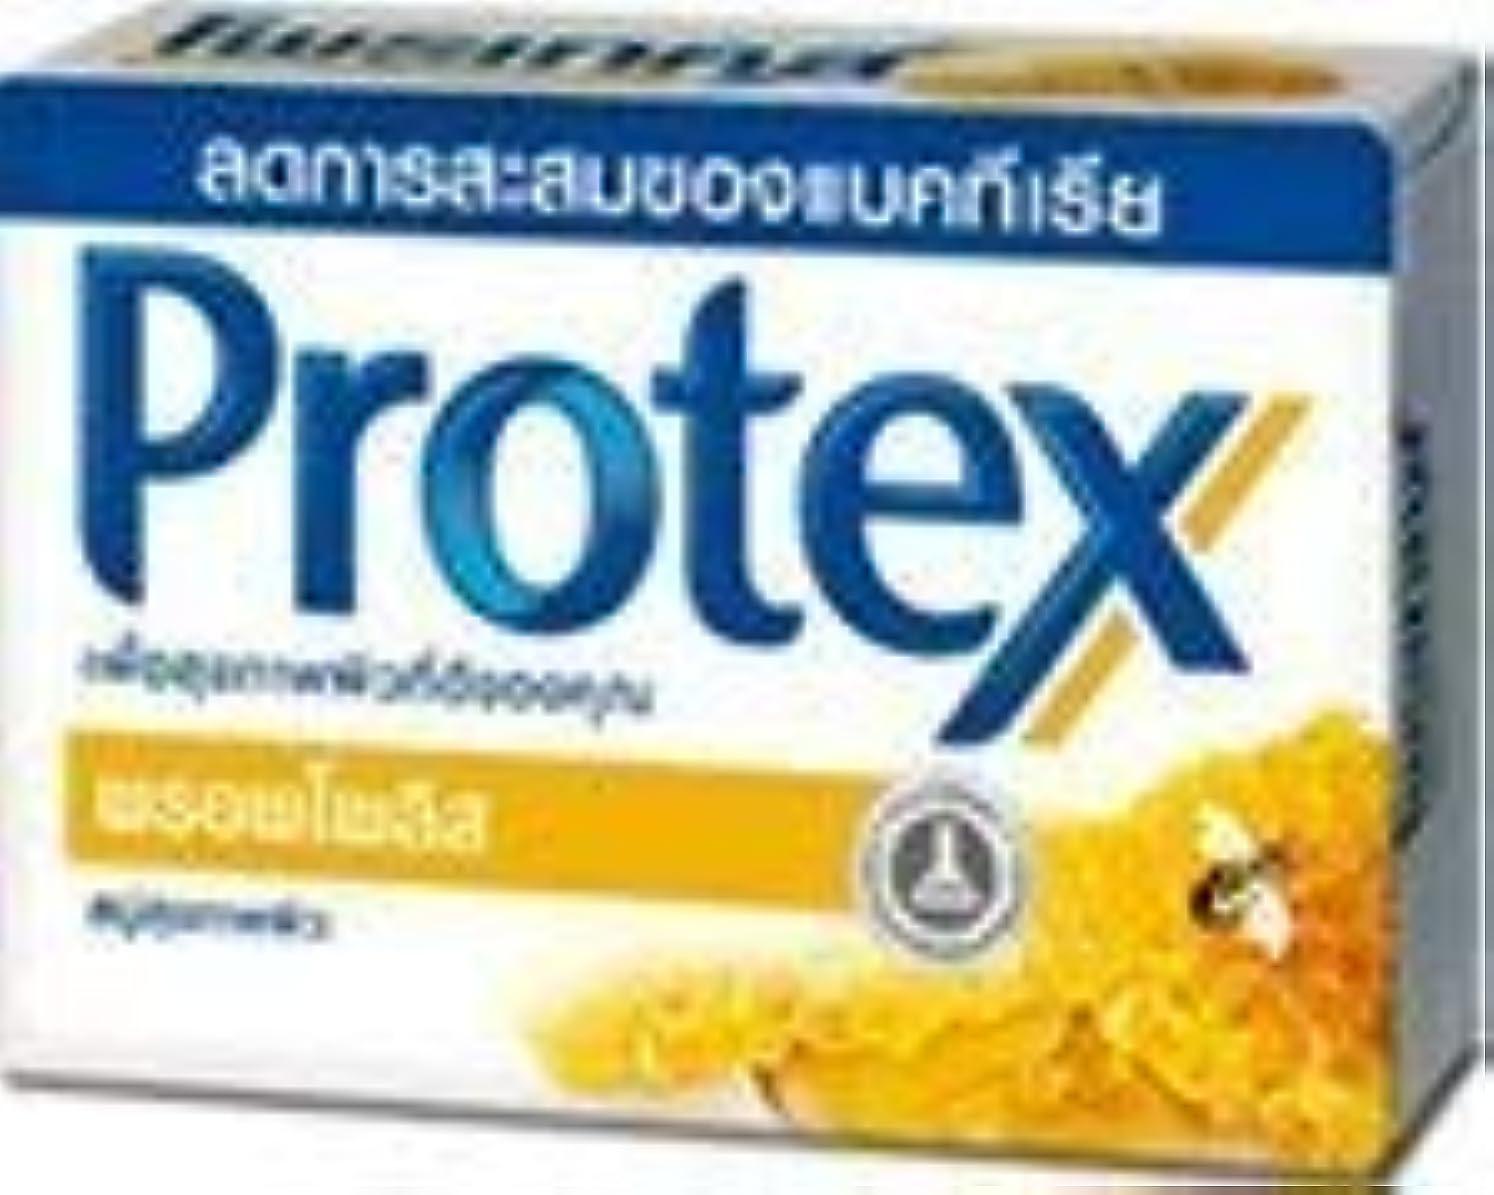 運賃戸惑う苦悩Protex, Bar Soap, Propolis, 75 g x 4 by Ni Yom Thai shop